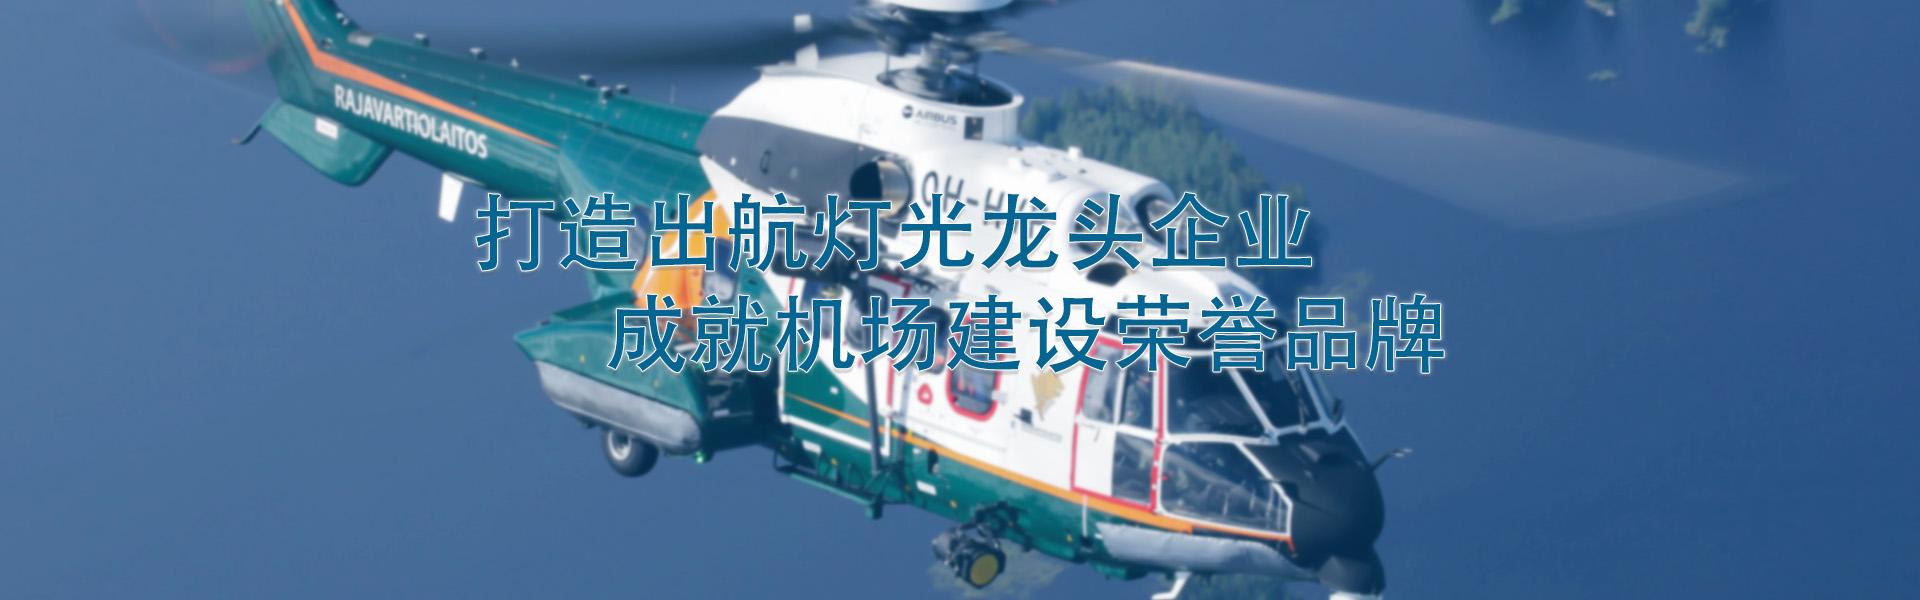 直升机停机坪建造验收,直升机坪专业设计,直升机停机坪建造单位